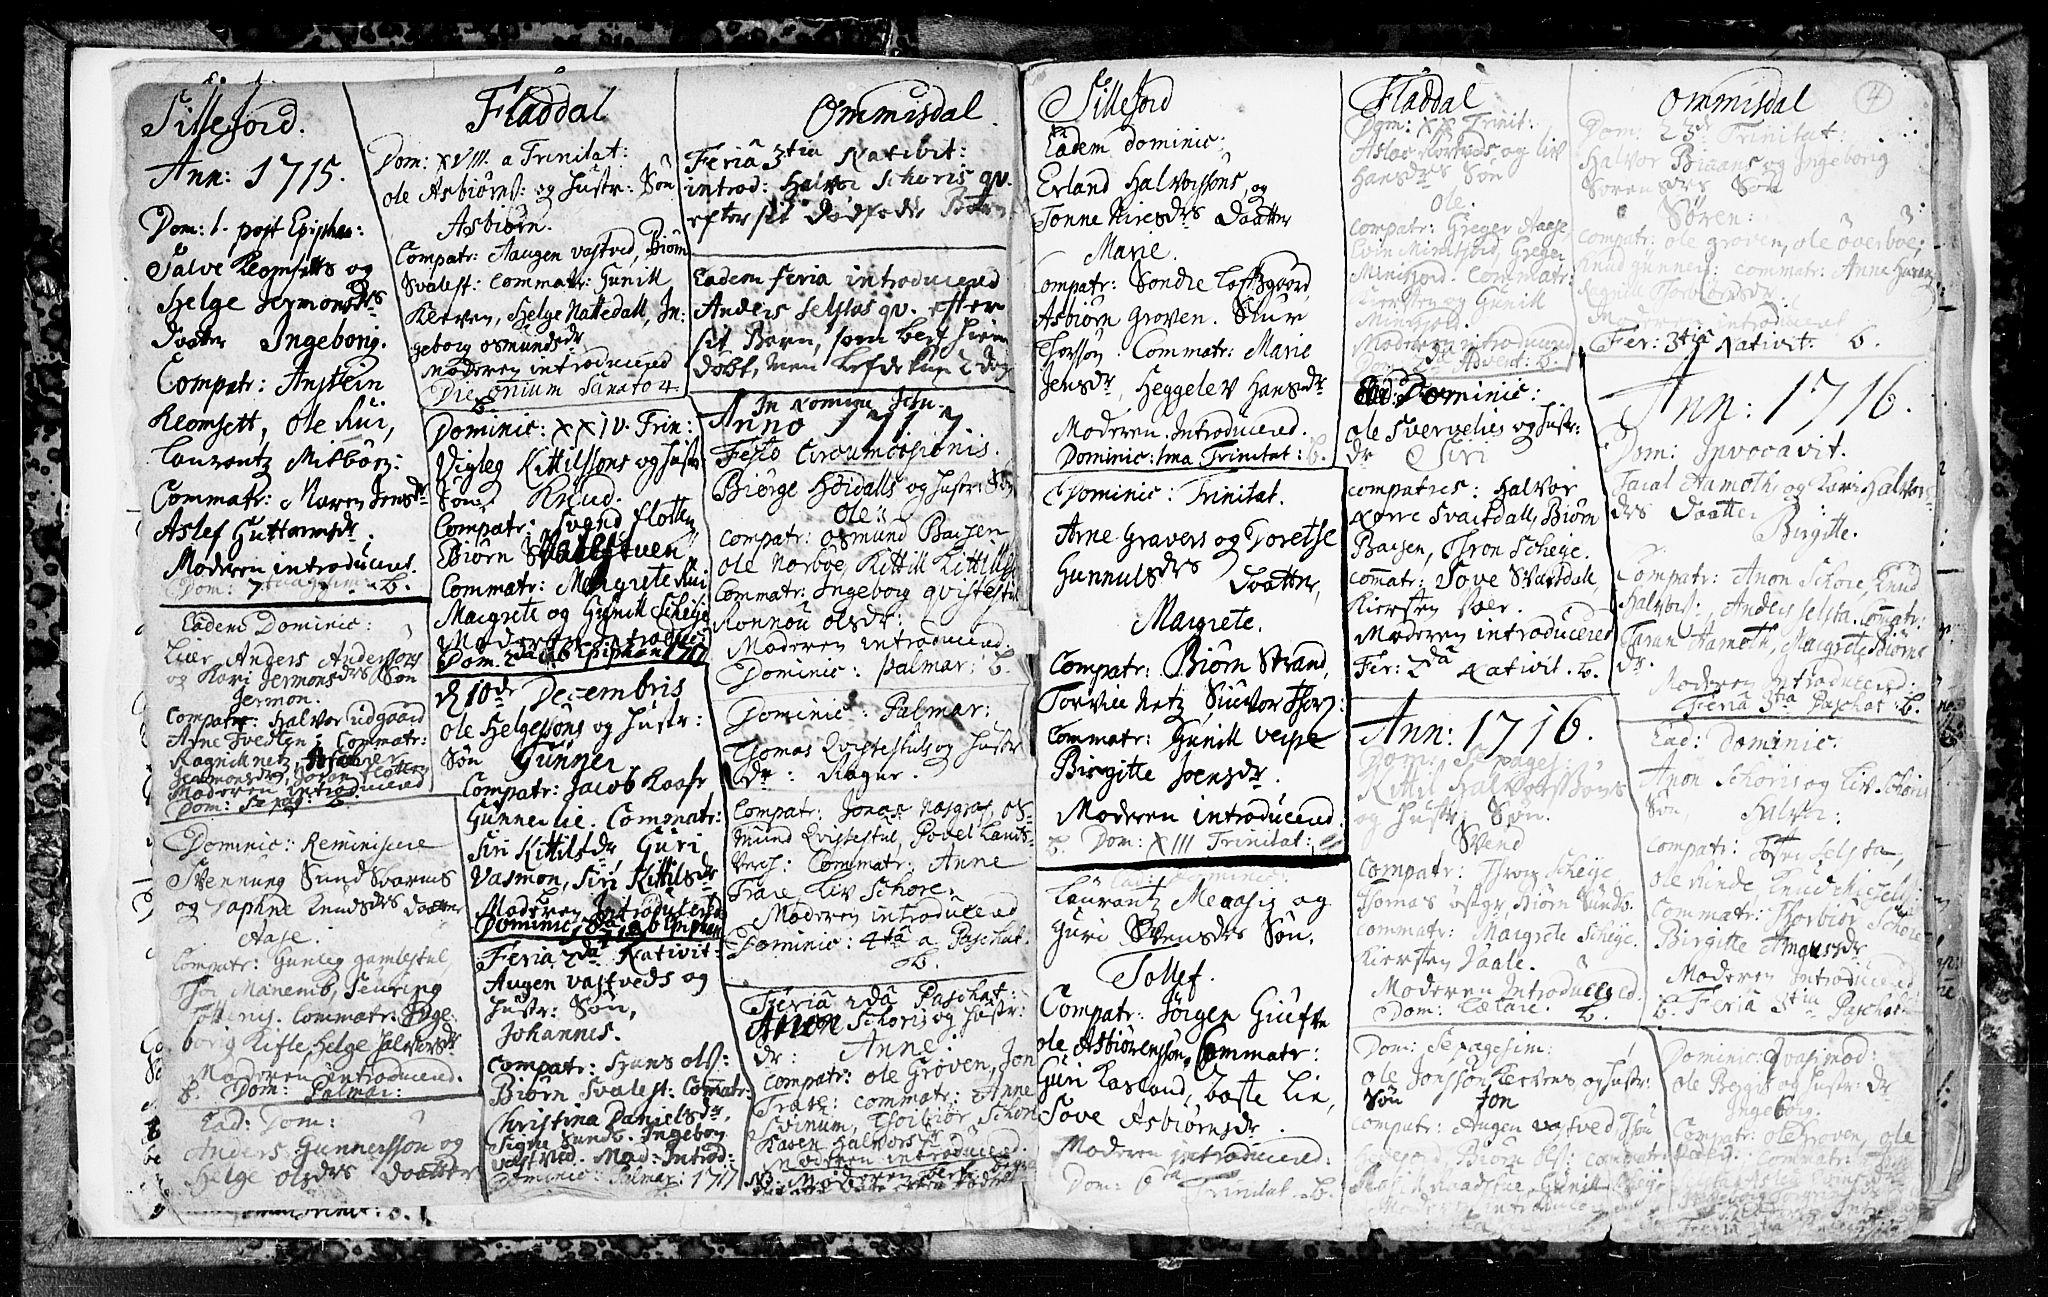 SAKO, Seljord kirkebøker, F/Fa/L0003: Ministerialbok nr. I 3, 1714-1725, s. 4